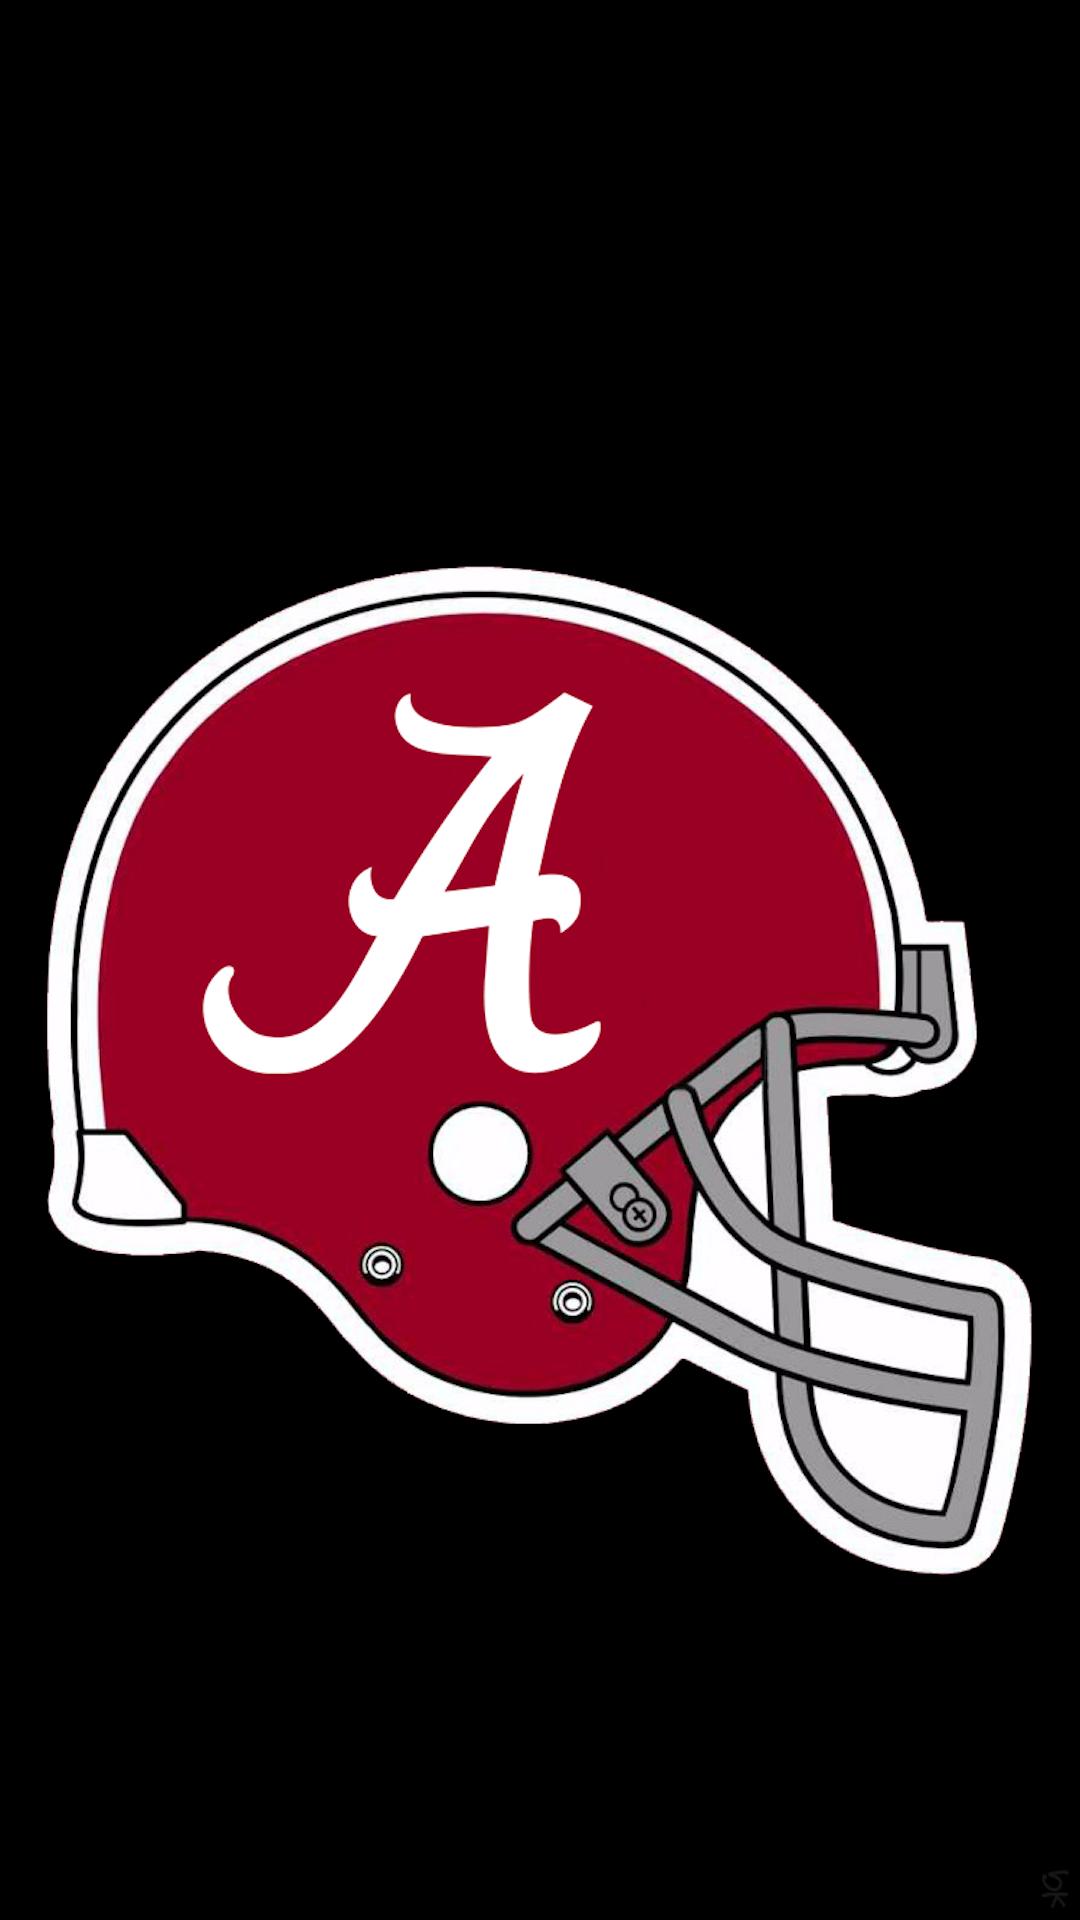 Alabama Crimson Tide 02 Png 647318 1 080 1 920 Pixels Crimson Tide Alabama Crimson Tide Alabama Crimson